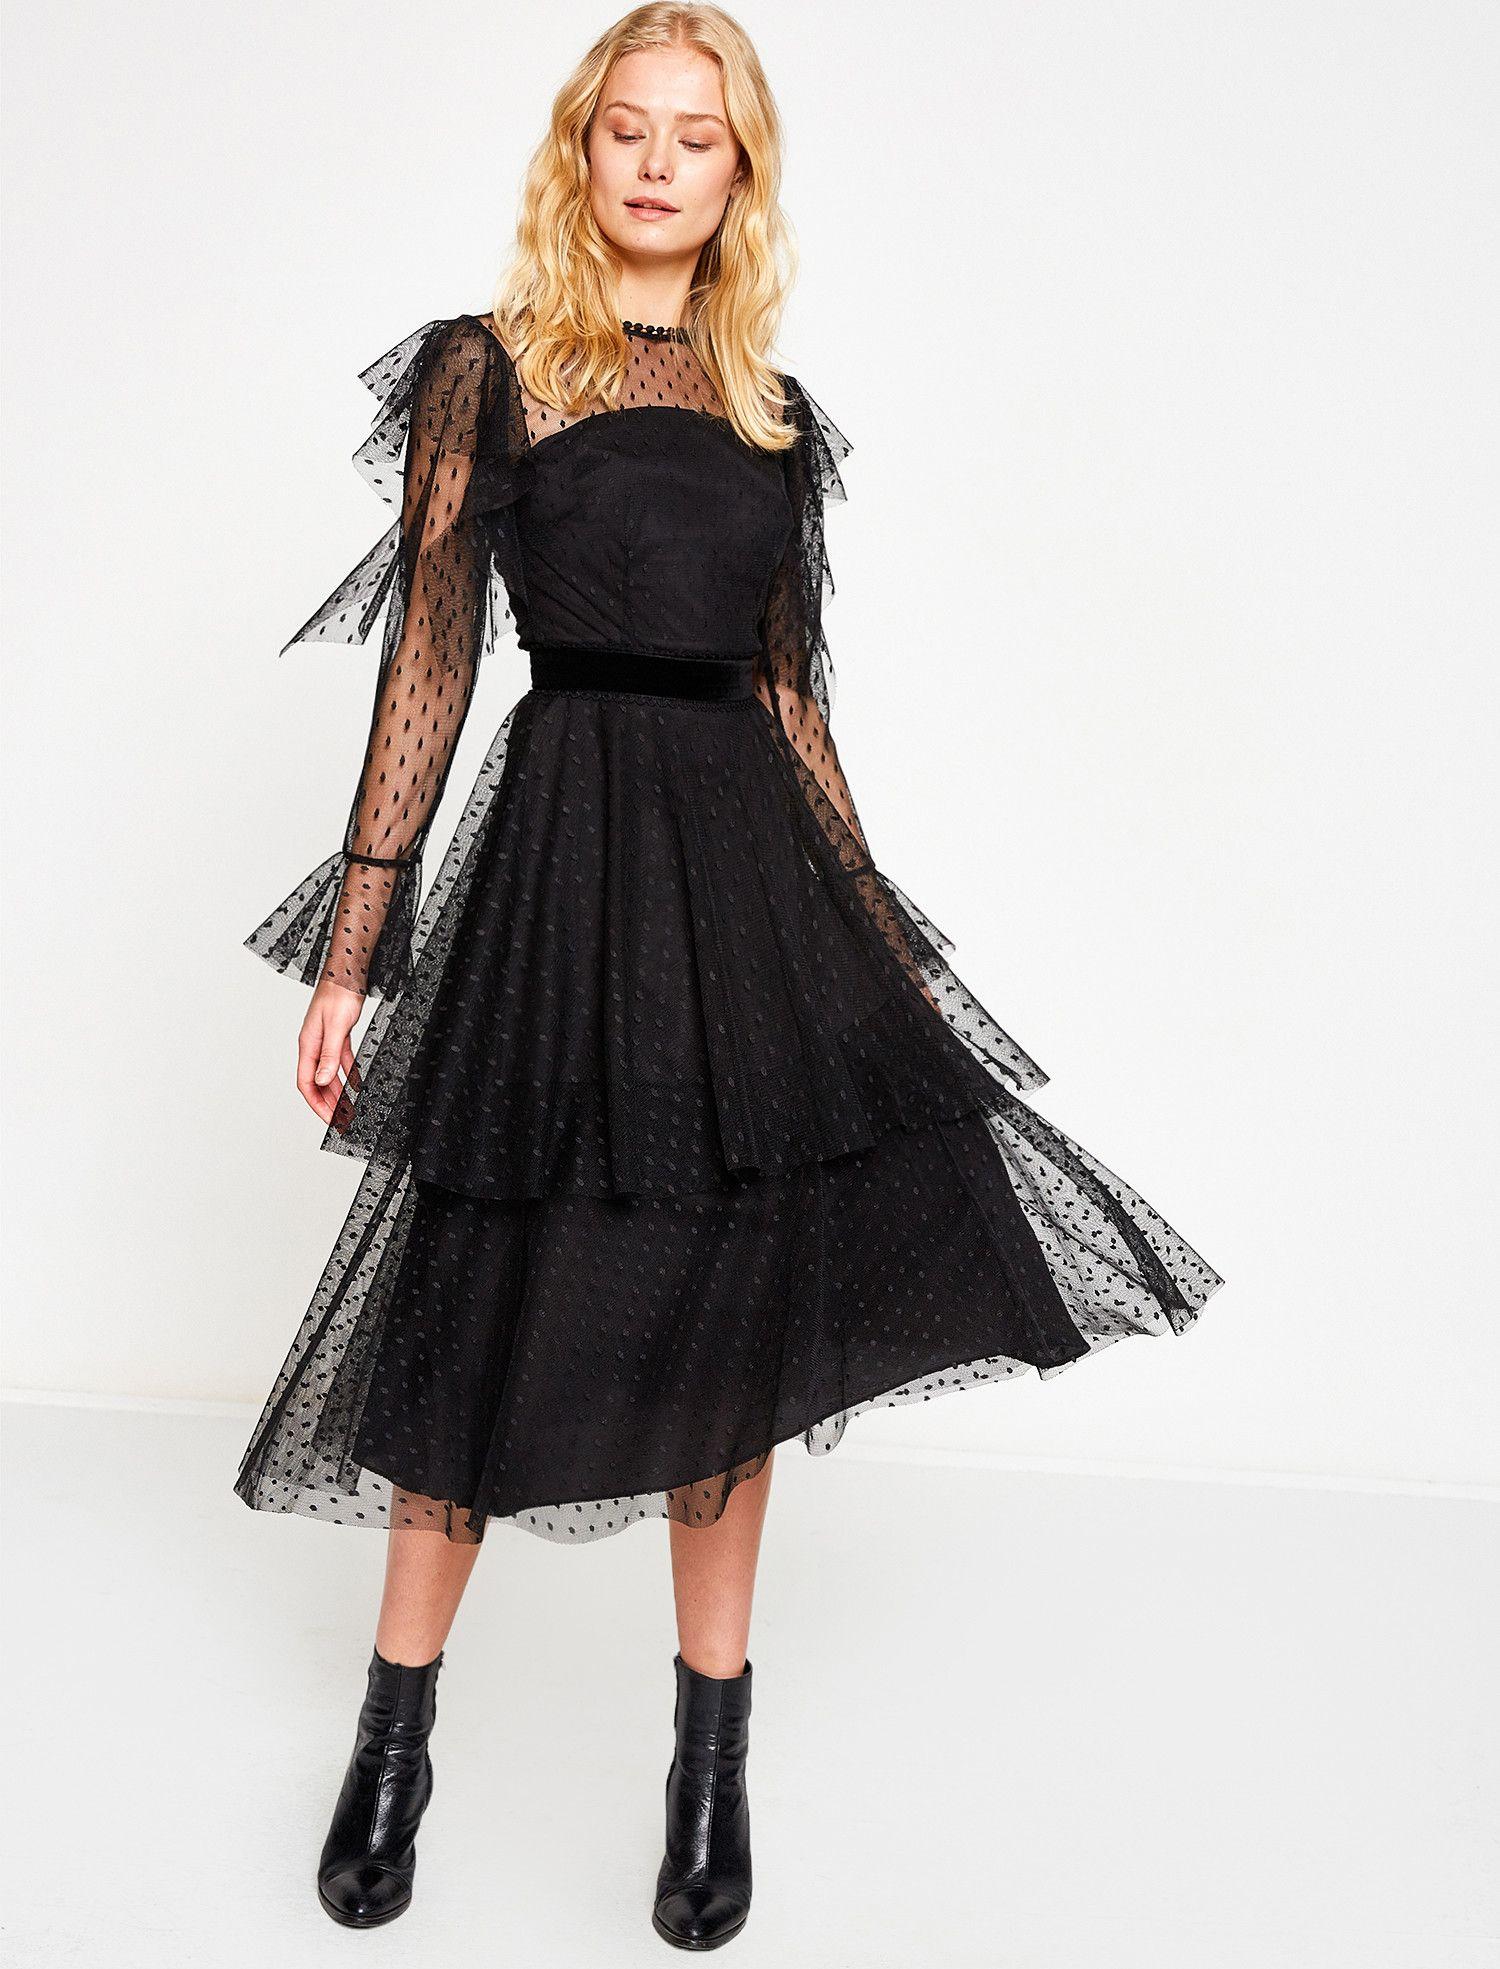 Olcay Turkmen Adli Kullanicinin Cloth Panosundaki Pin Moda Stilleri Elbise Uzun Elbise